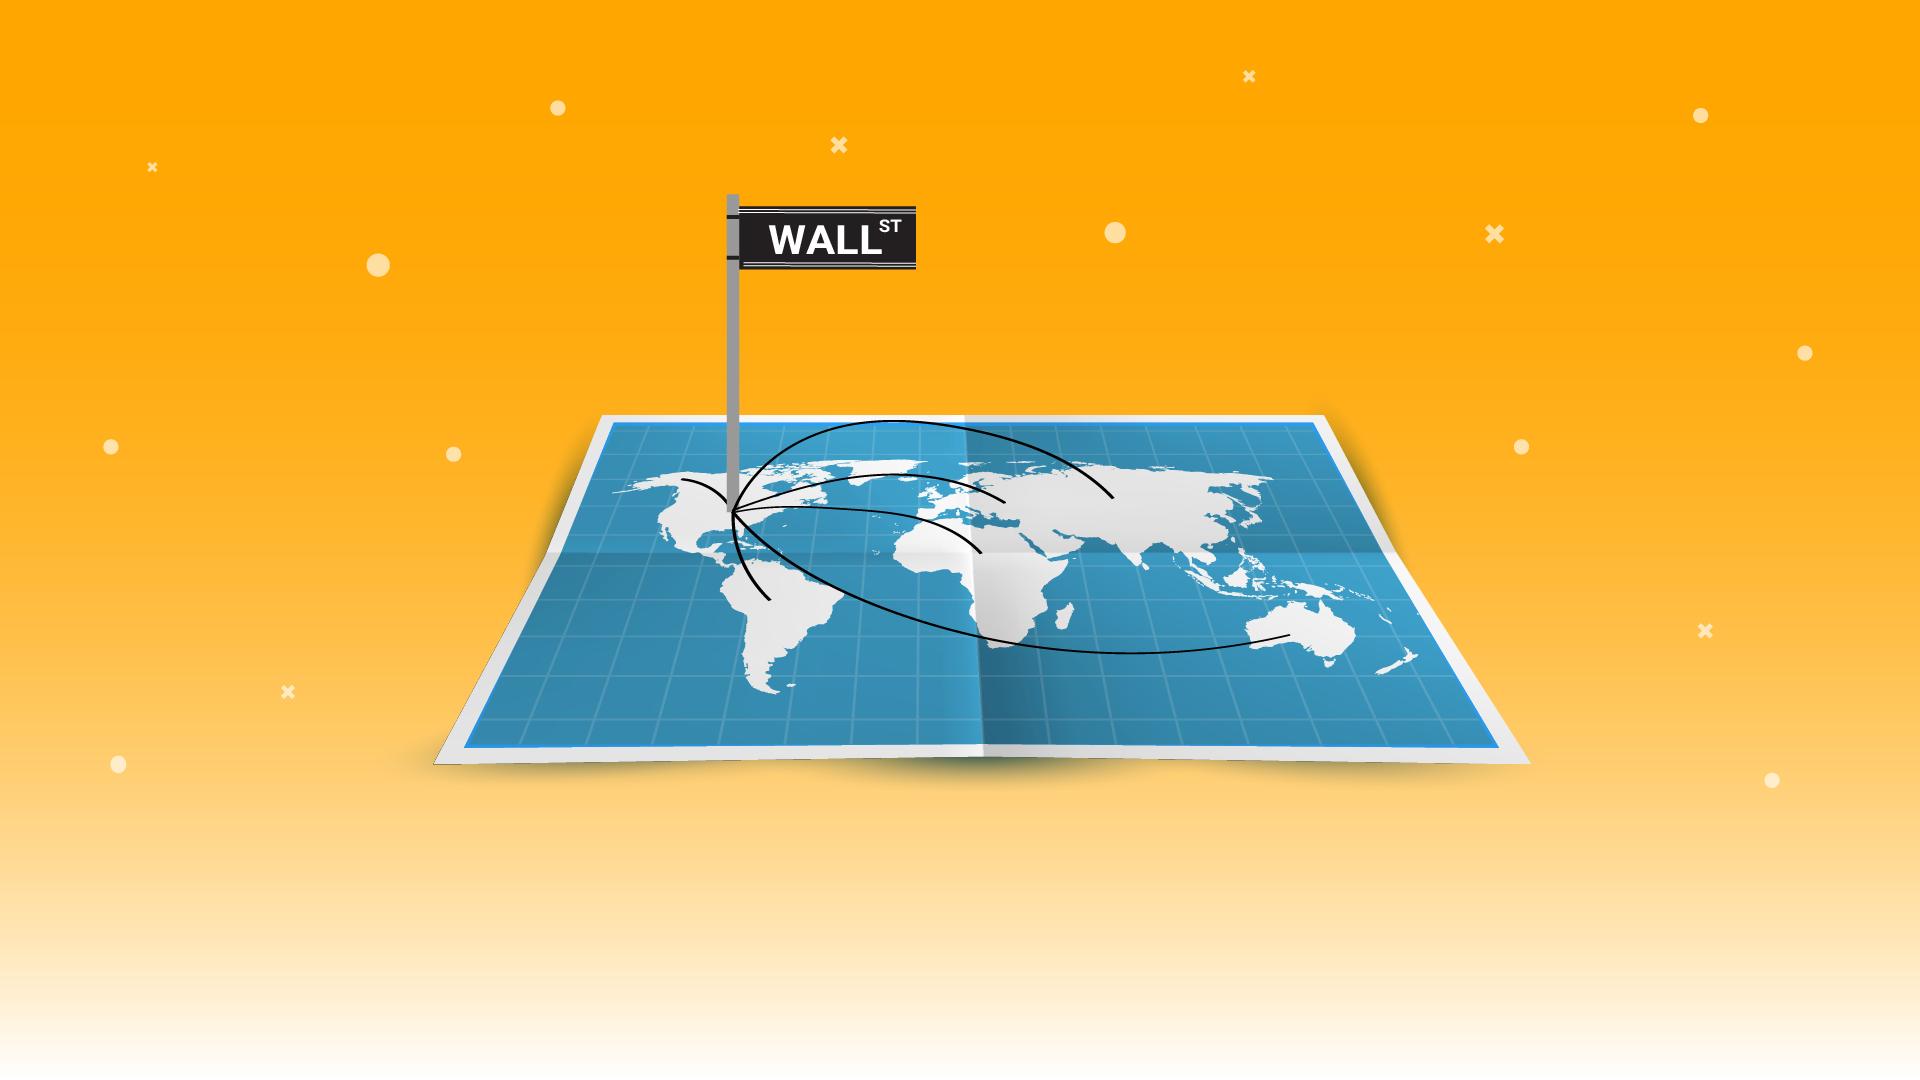 وال استریت کجاست و چه نقشی در بورس جهان دارد؟